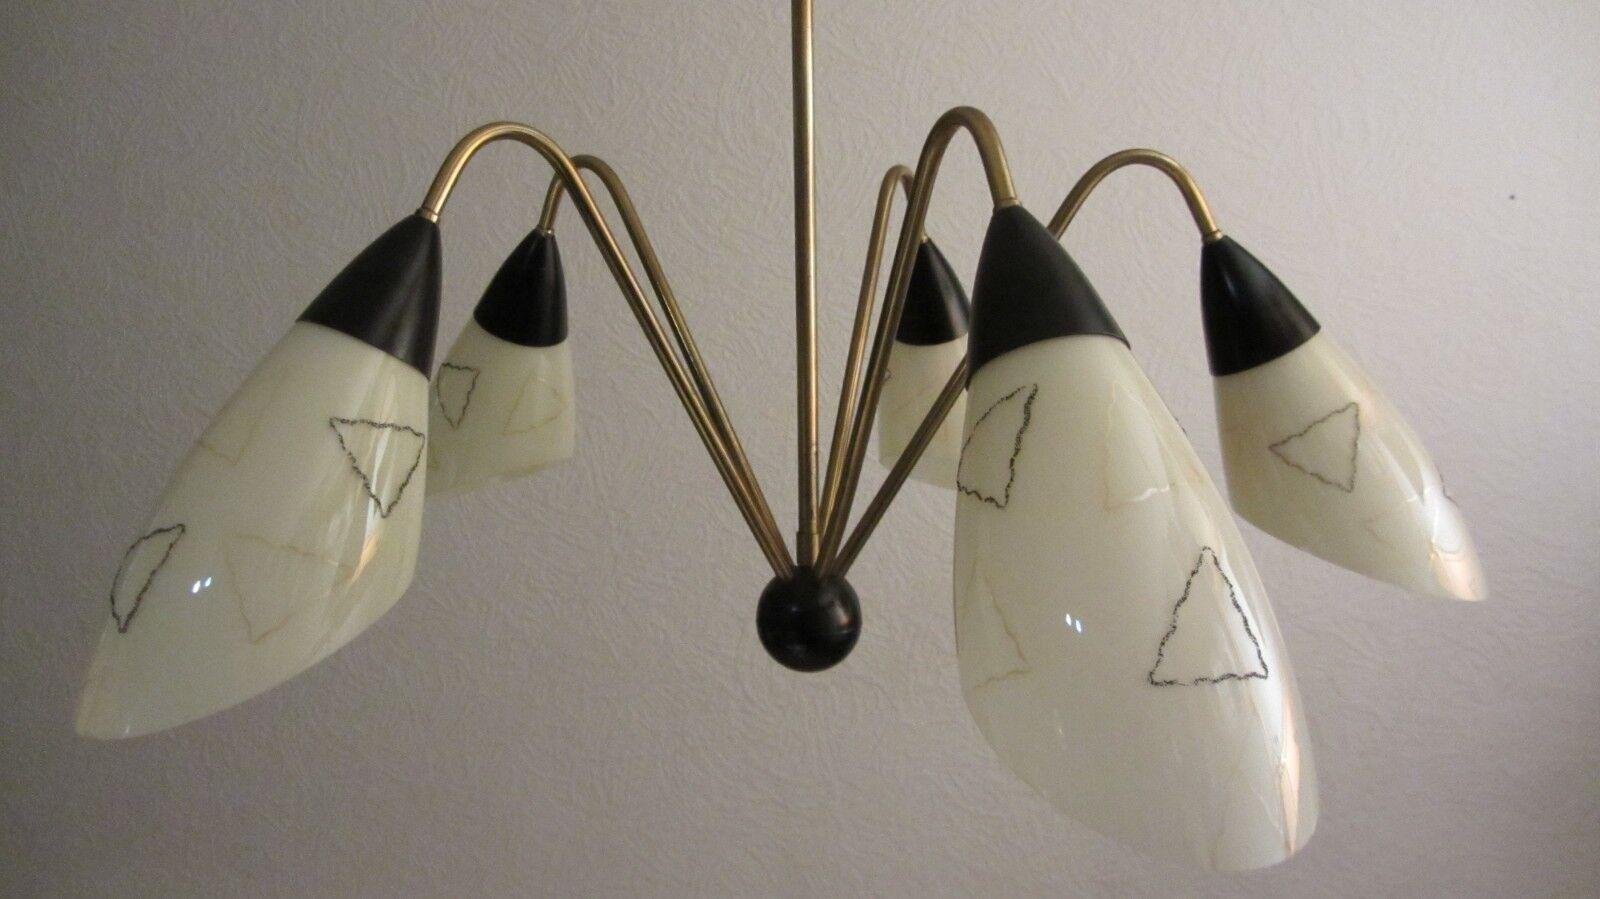 nuovo di marca Lo Sputnik 5 5 5 Bracci Lampada a sospensione Lampada ragni tütenampe spider lamp vintage' 50er J  Ritorno di 10 giorni